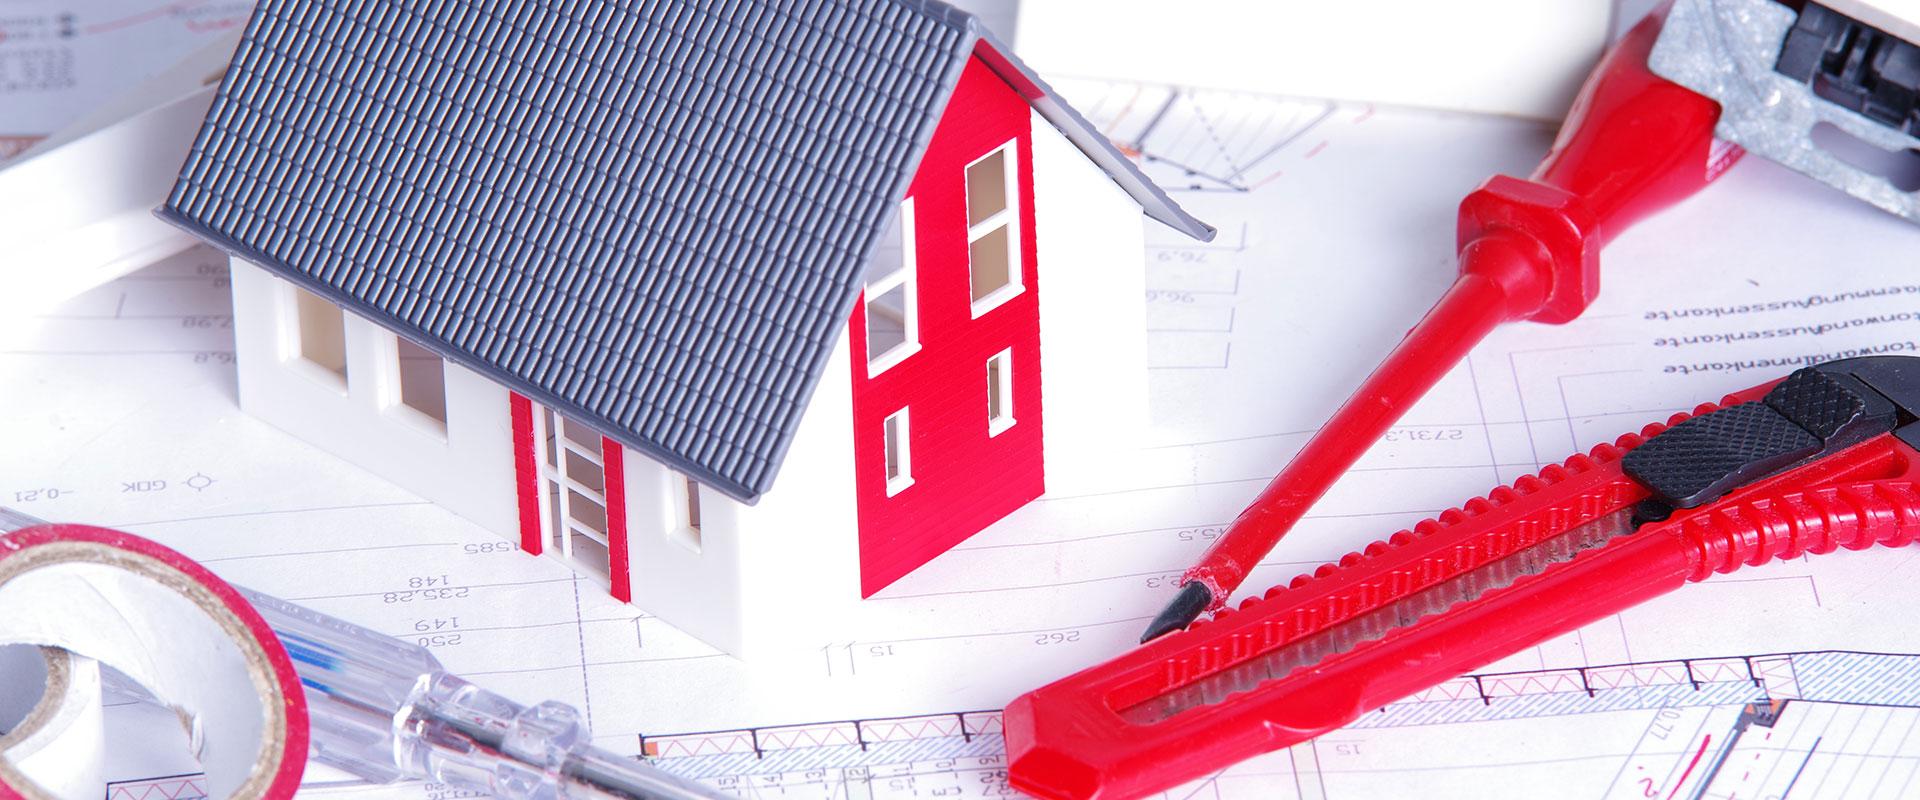 Abbildung Modellhaus auf Grundriss